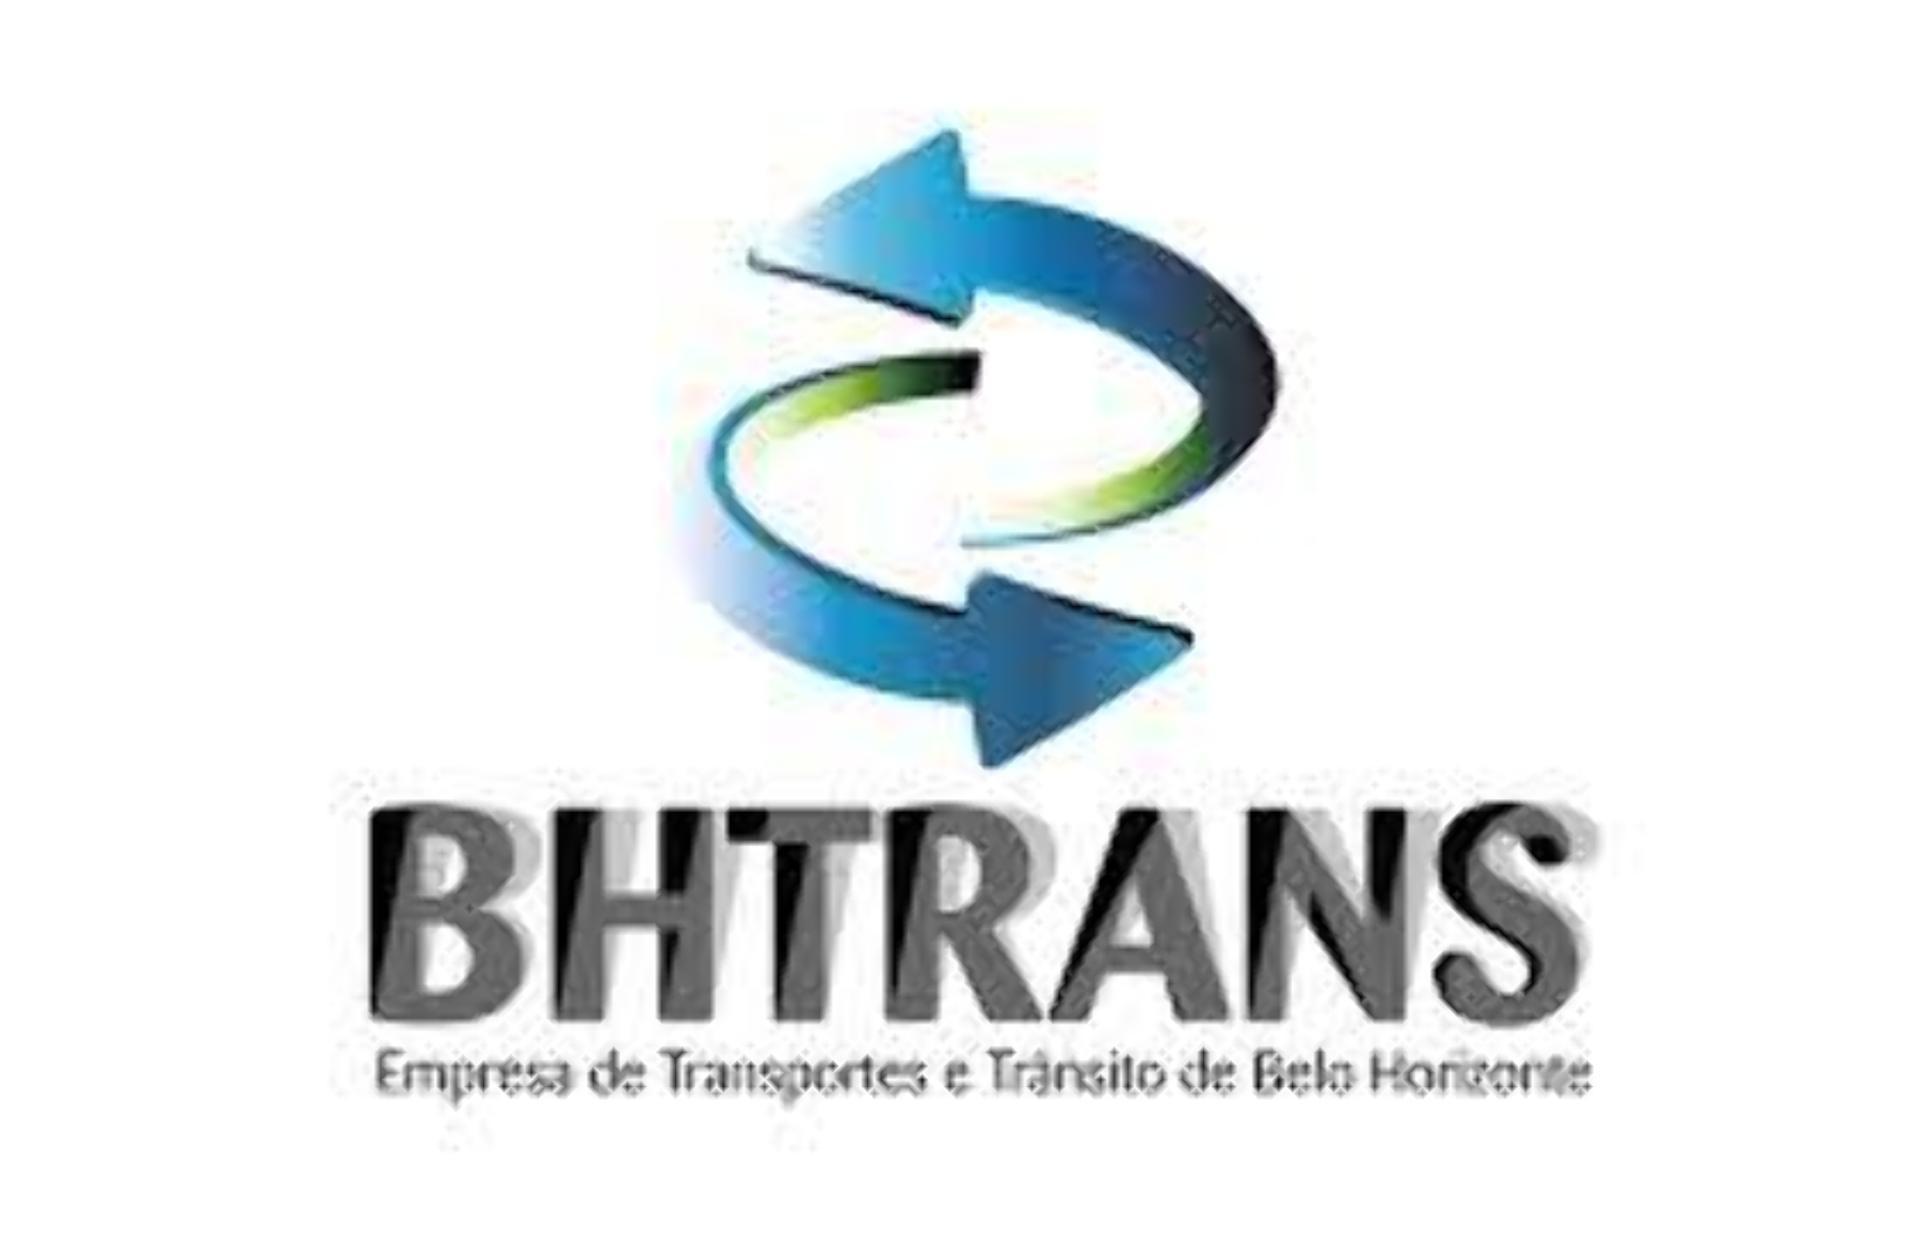 BHTRANS ANUNCIA MUDANÇAS